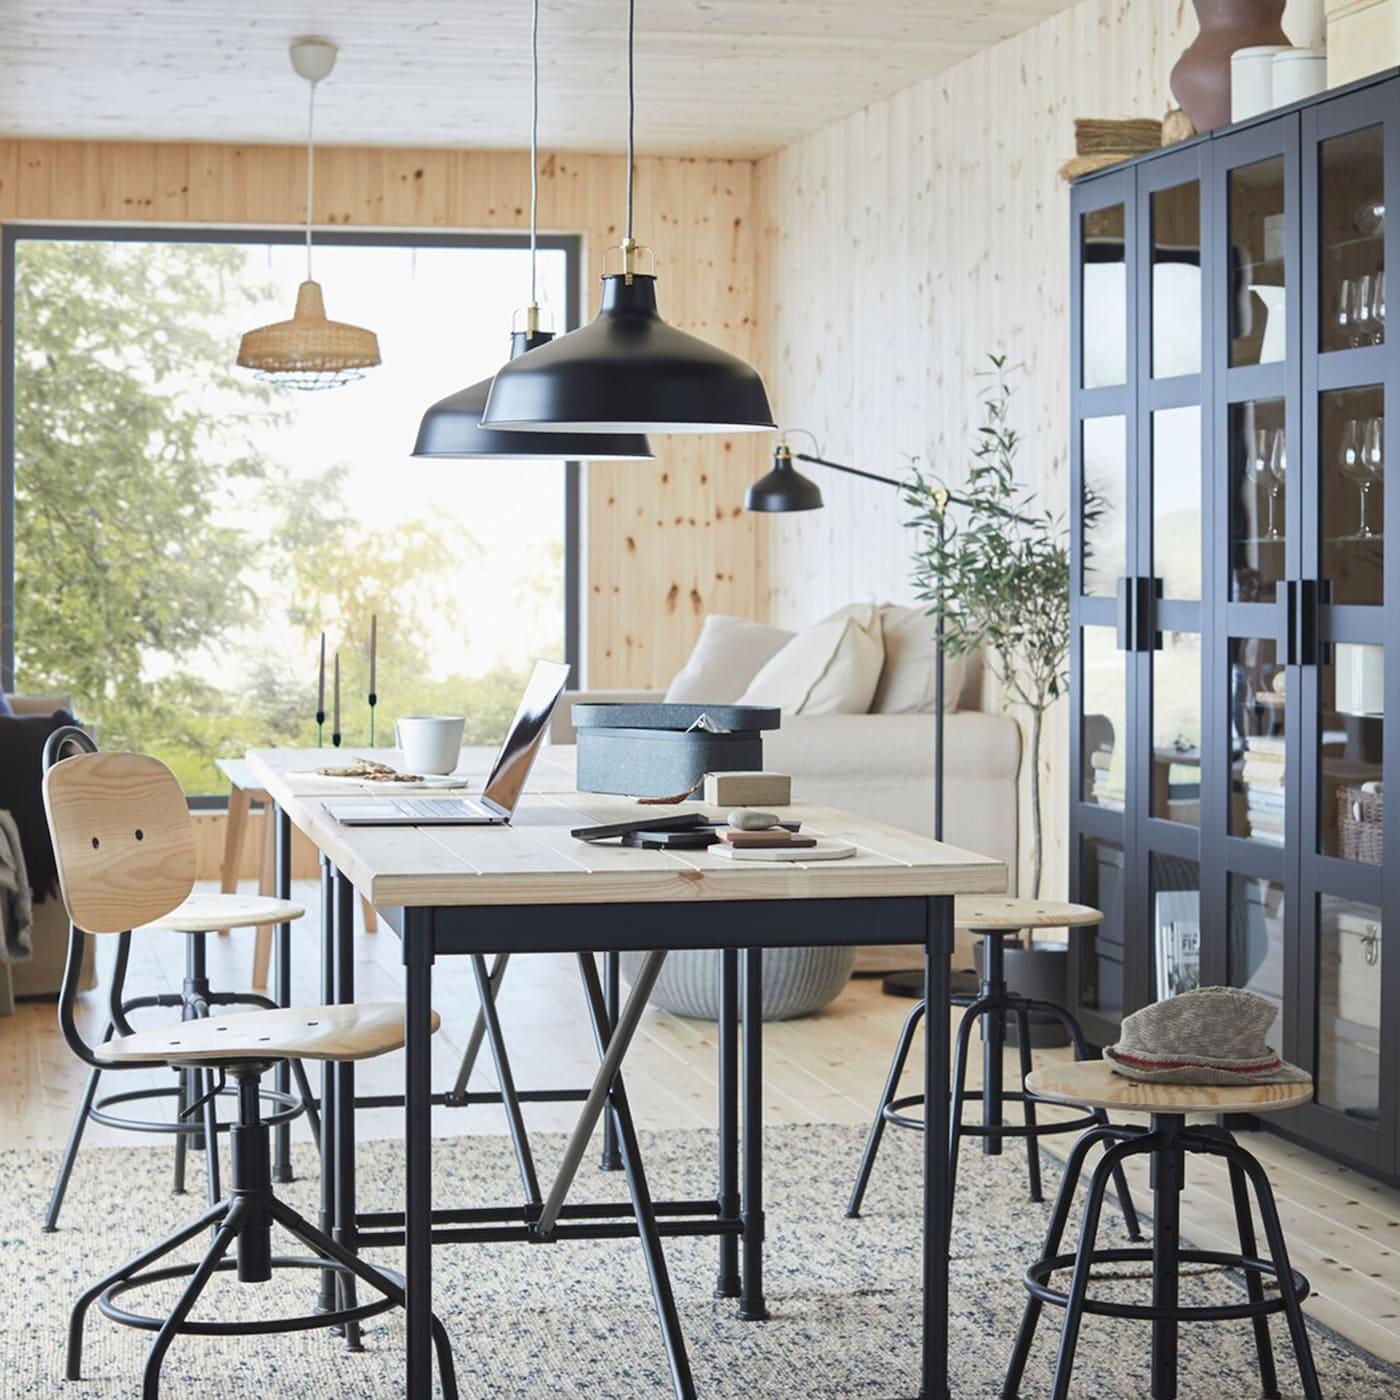 IKEA KULLABERG Schreibtisch Kiefer/schwarz hat eine dicke Arbeitsplatte in industriellem Design. Er eignet sich für Büro, Essbereich und sogar Wohnzimmer wunderbar.